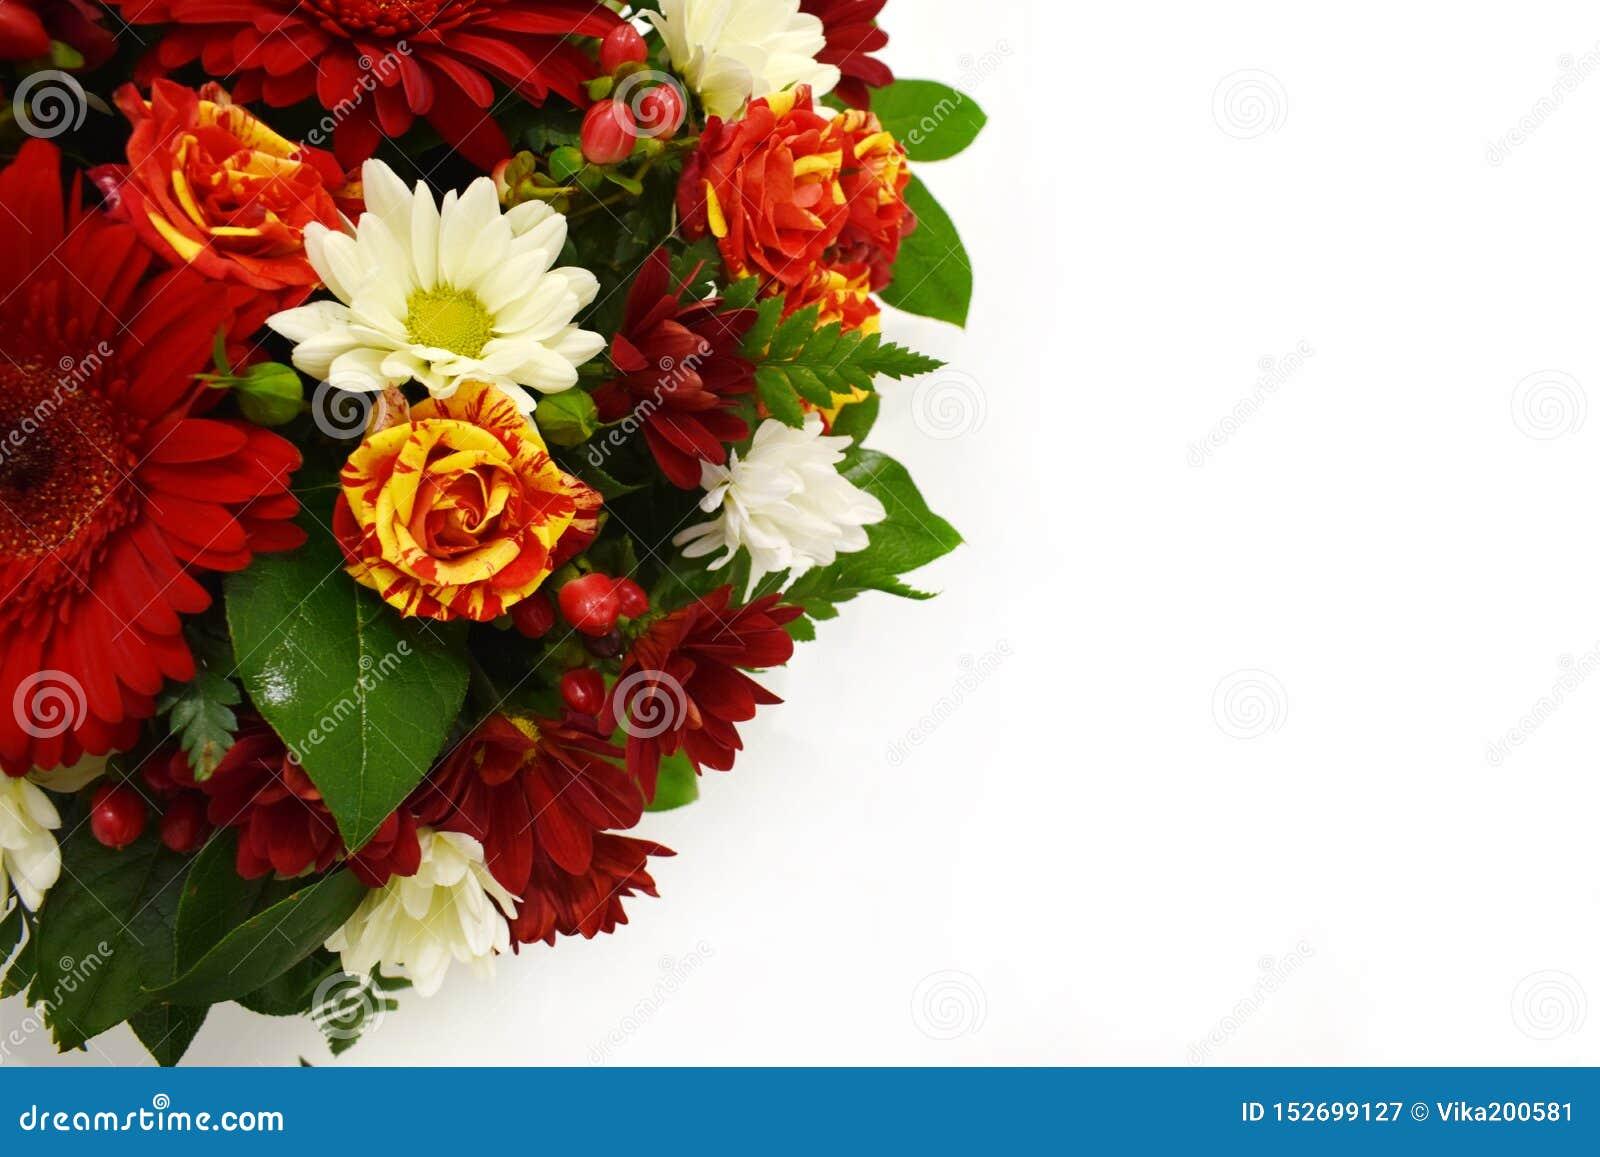 Bouquet De Fleur Pour St Valentin belle carte de voeux de fleur copiez l'espace image stock